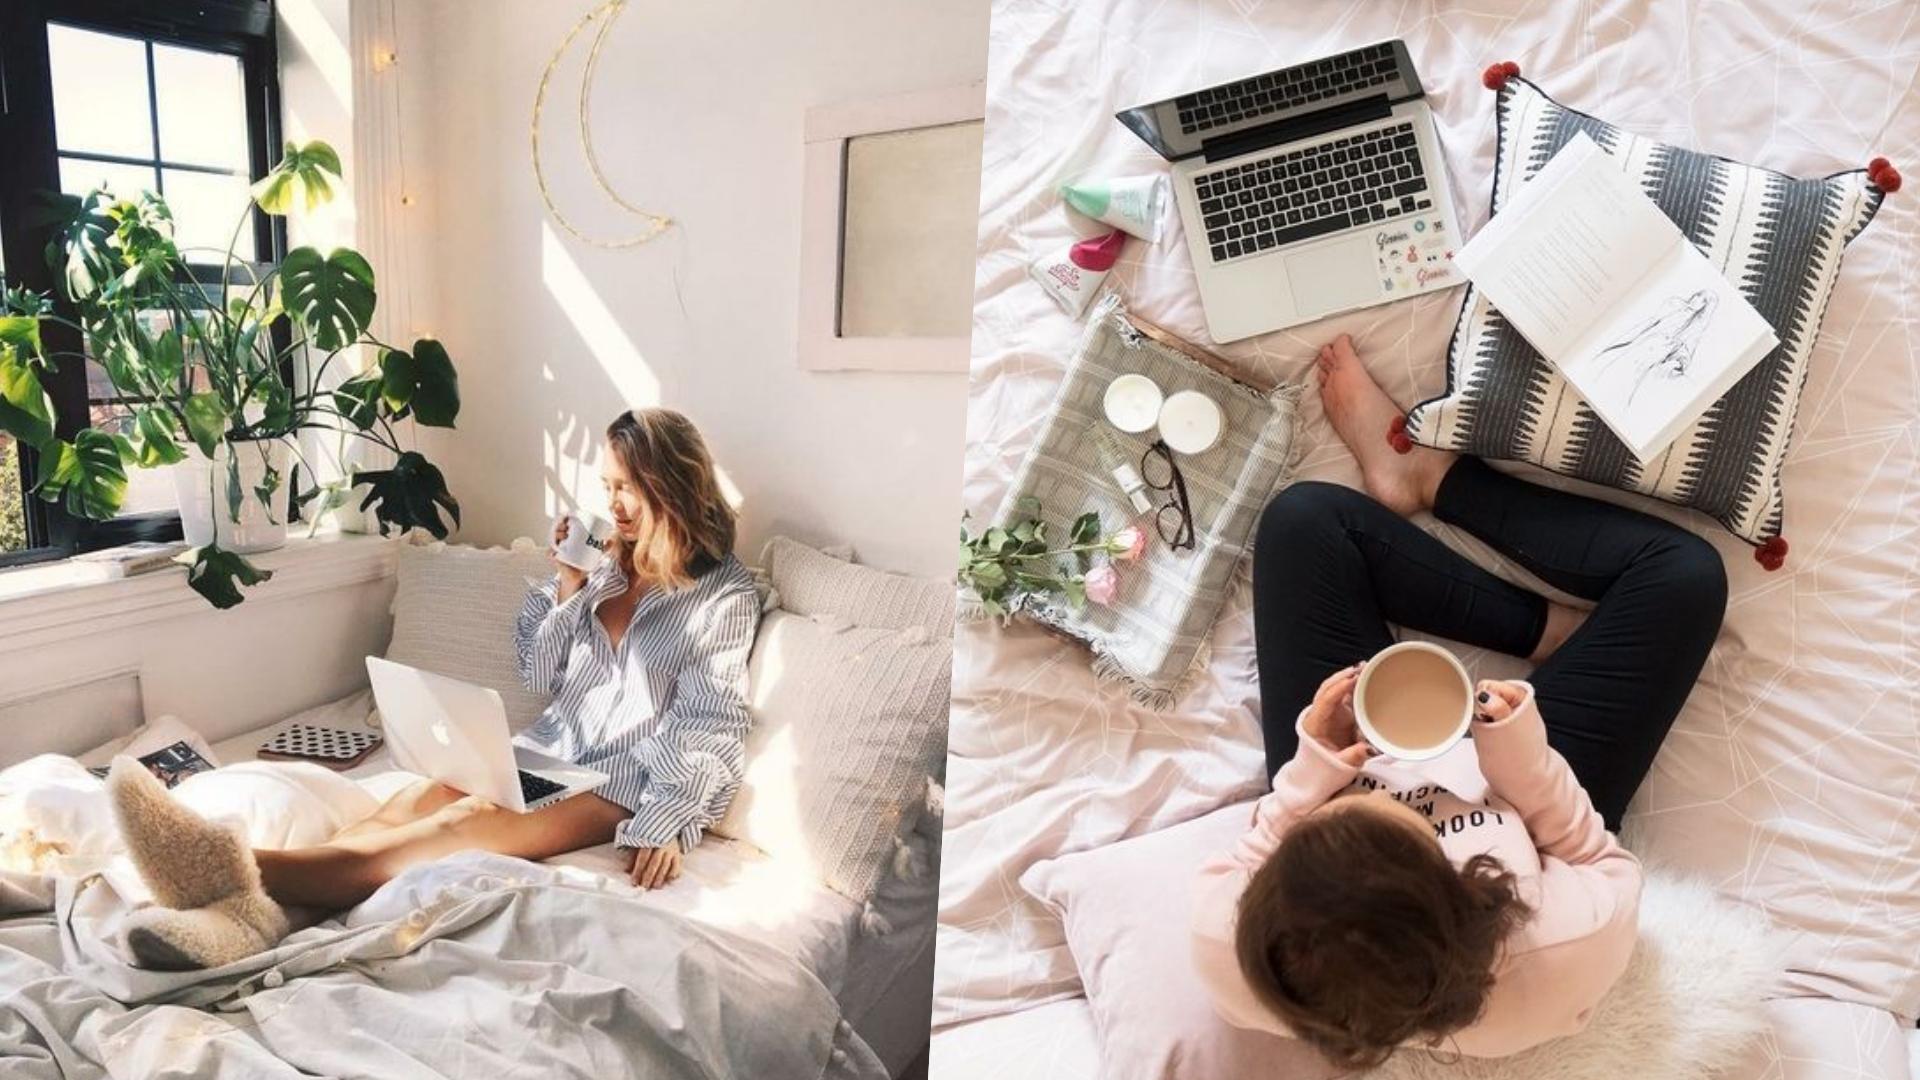 在家上班少了辦公室的拘束,當然要讓自己擁有一個舒適的環境!